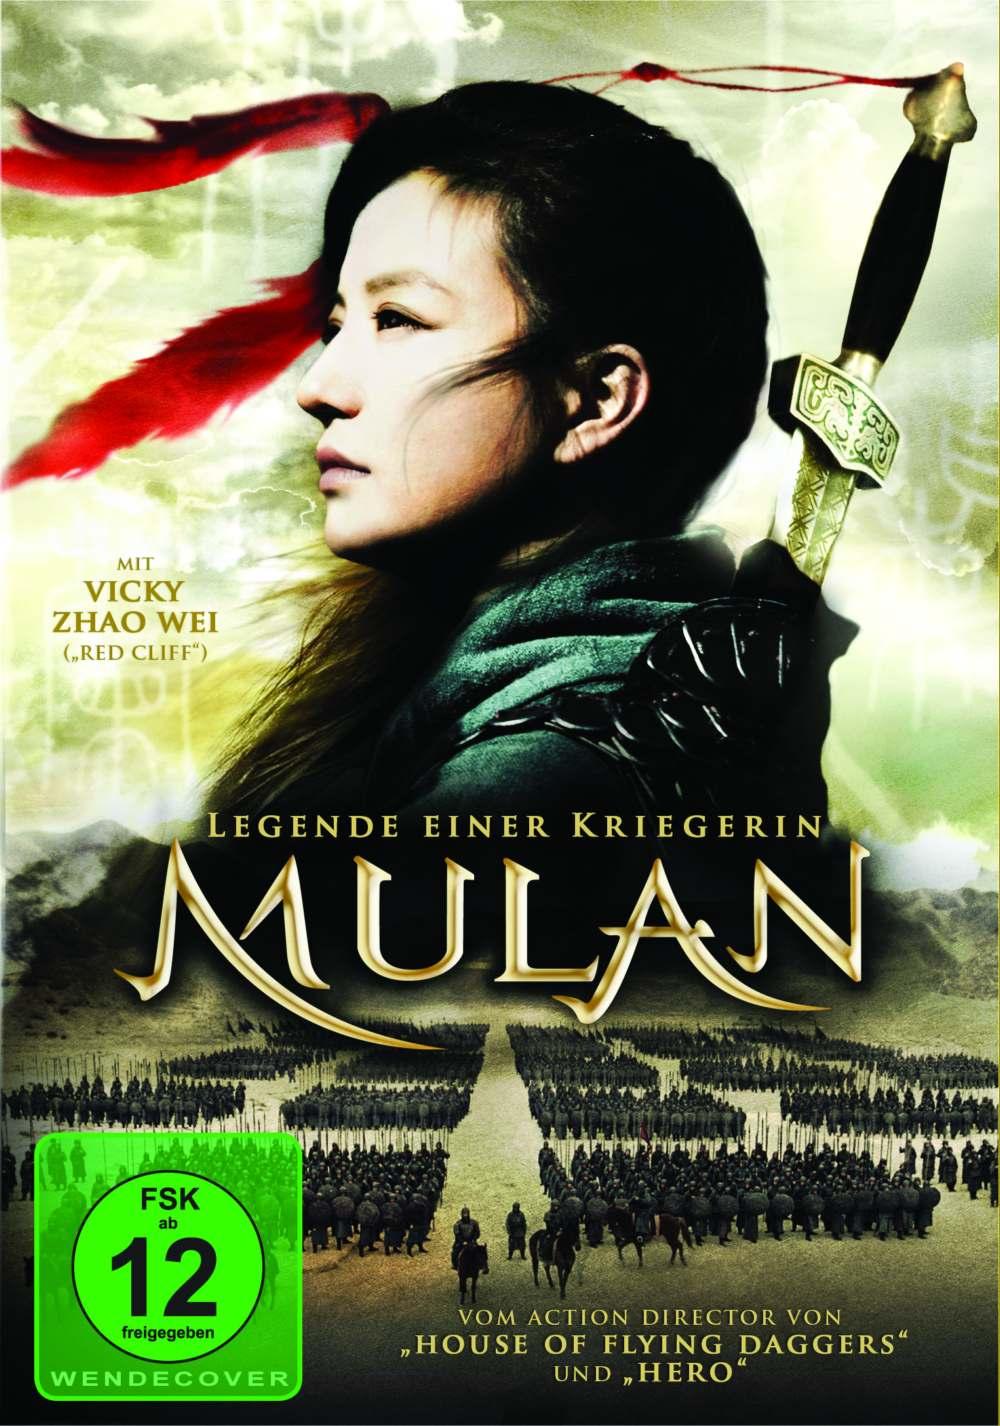 MULAN – Legende einer Kriegerin